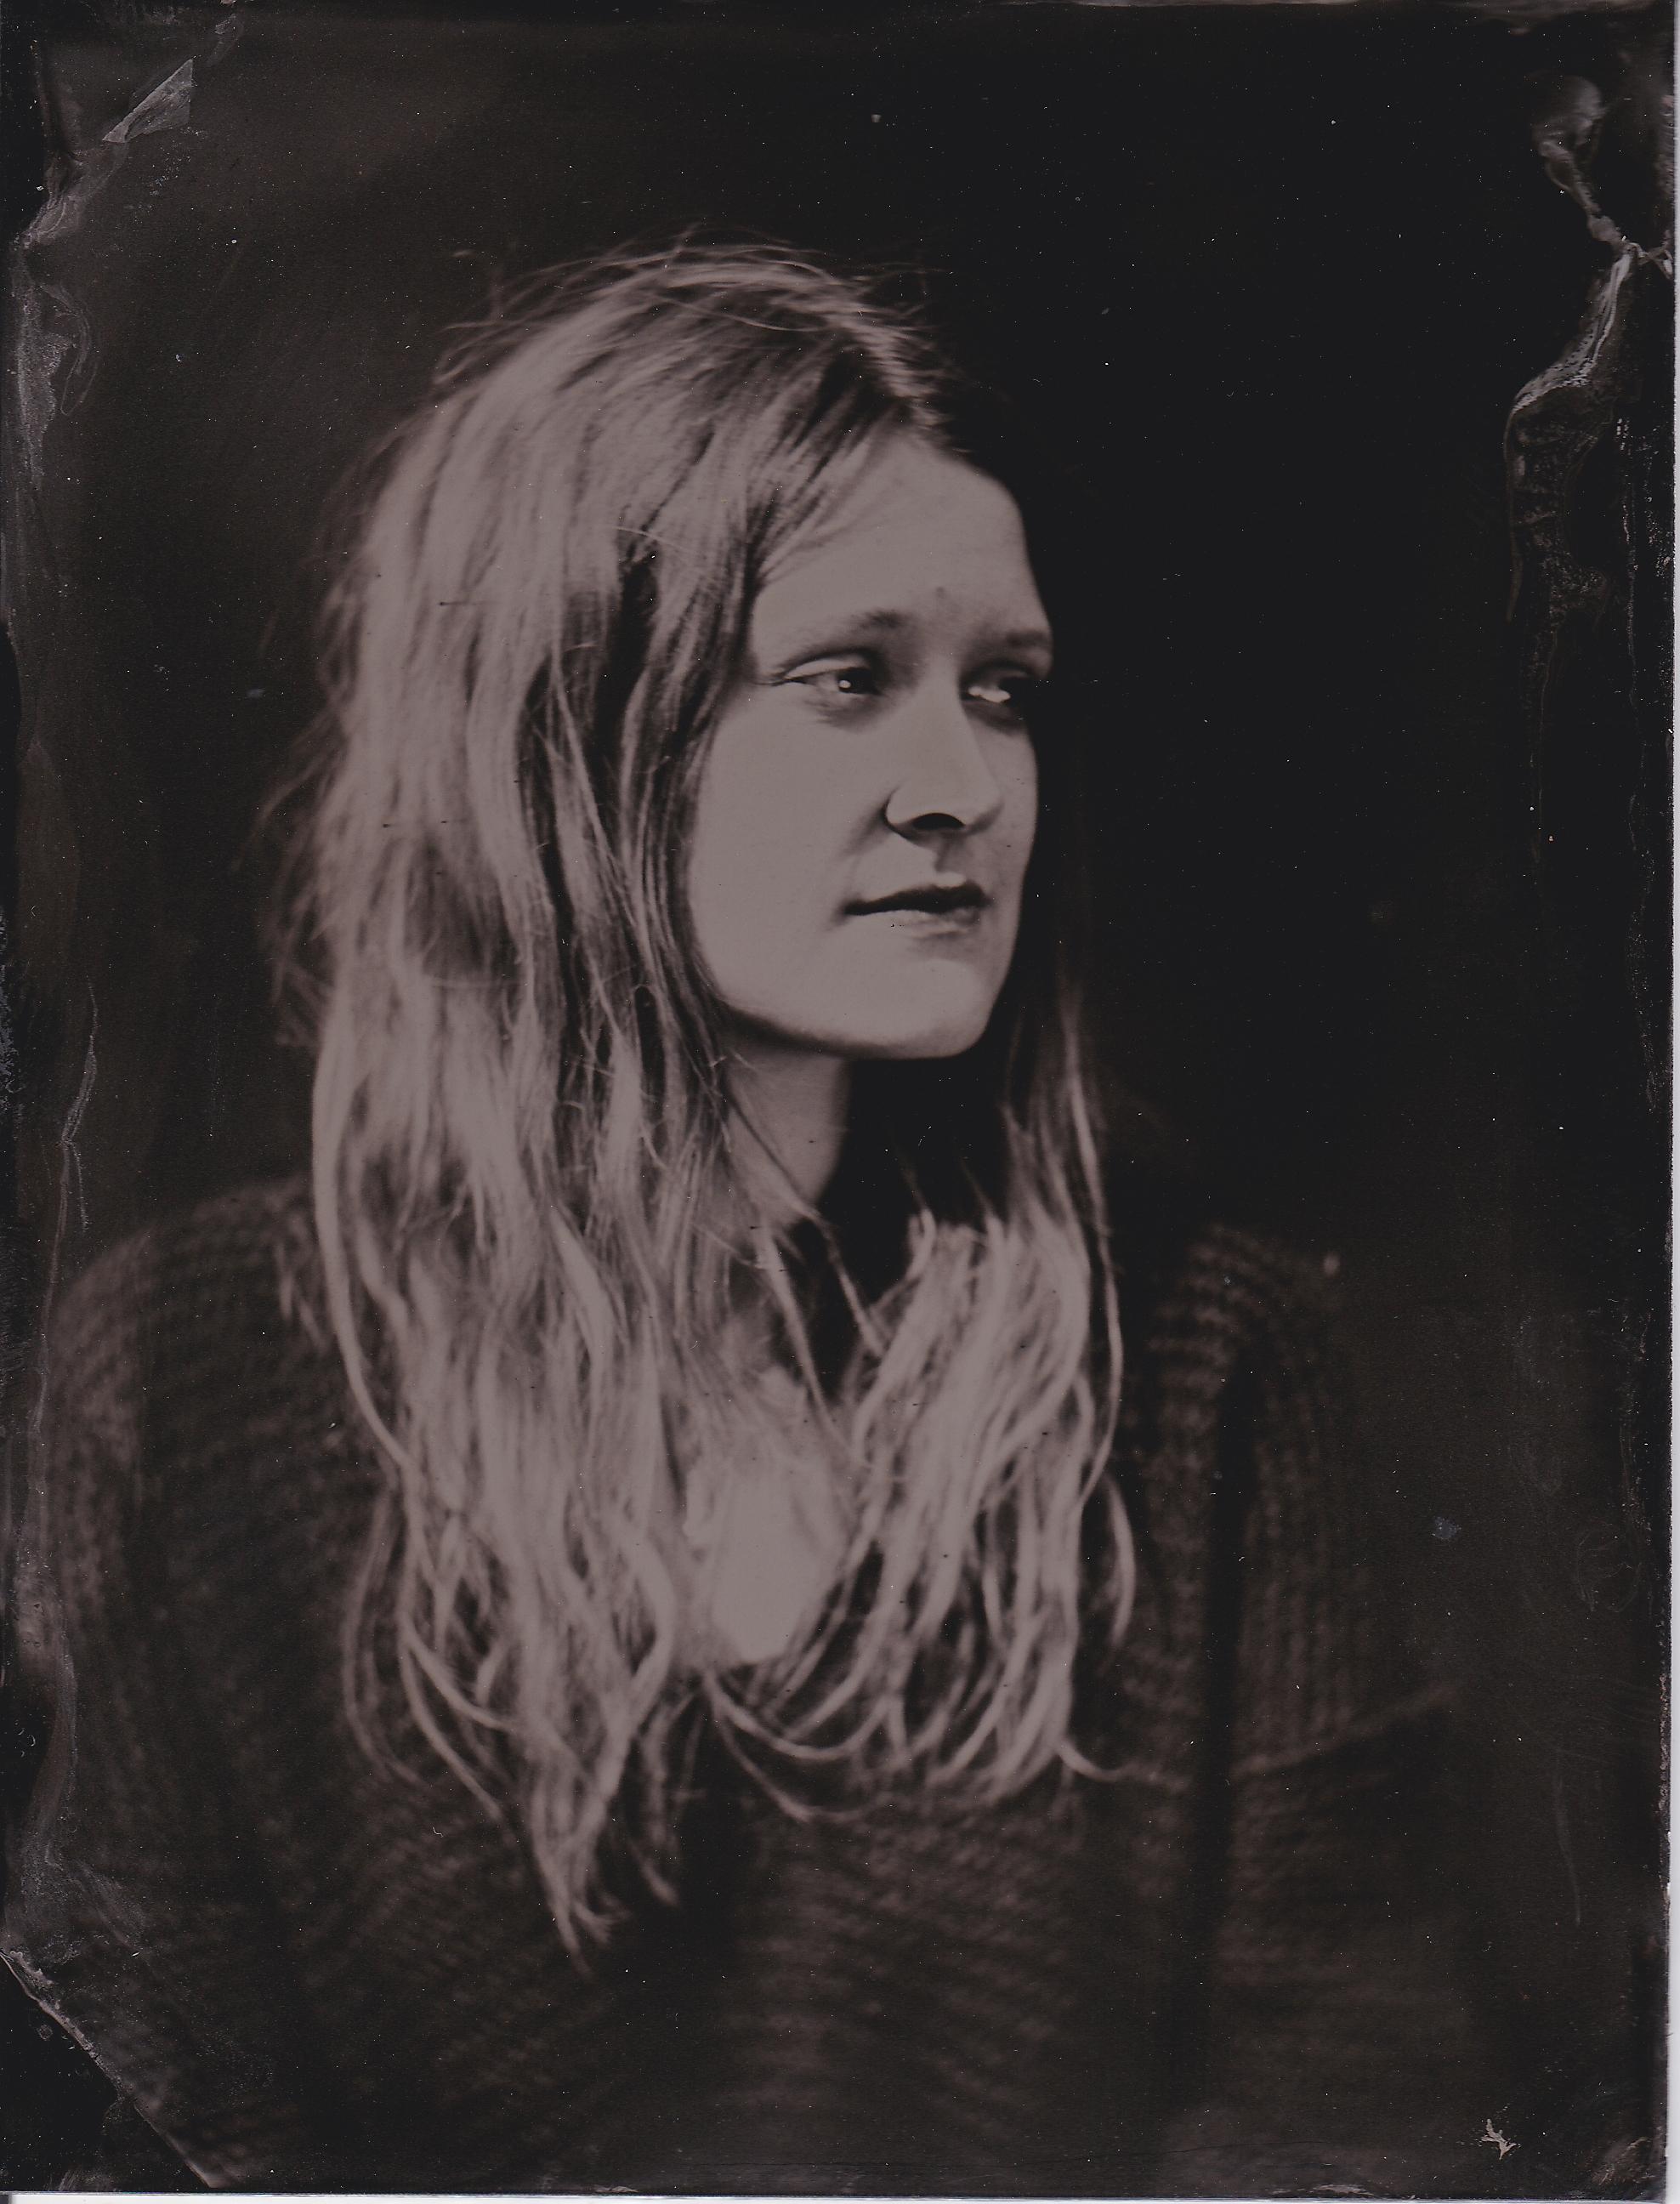 Portrait taken at Moss Rock Art Festival  November, 2016